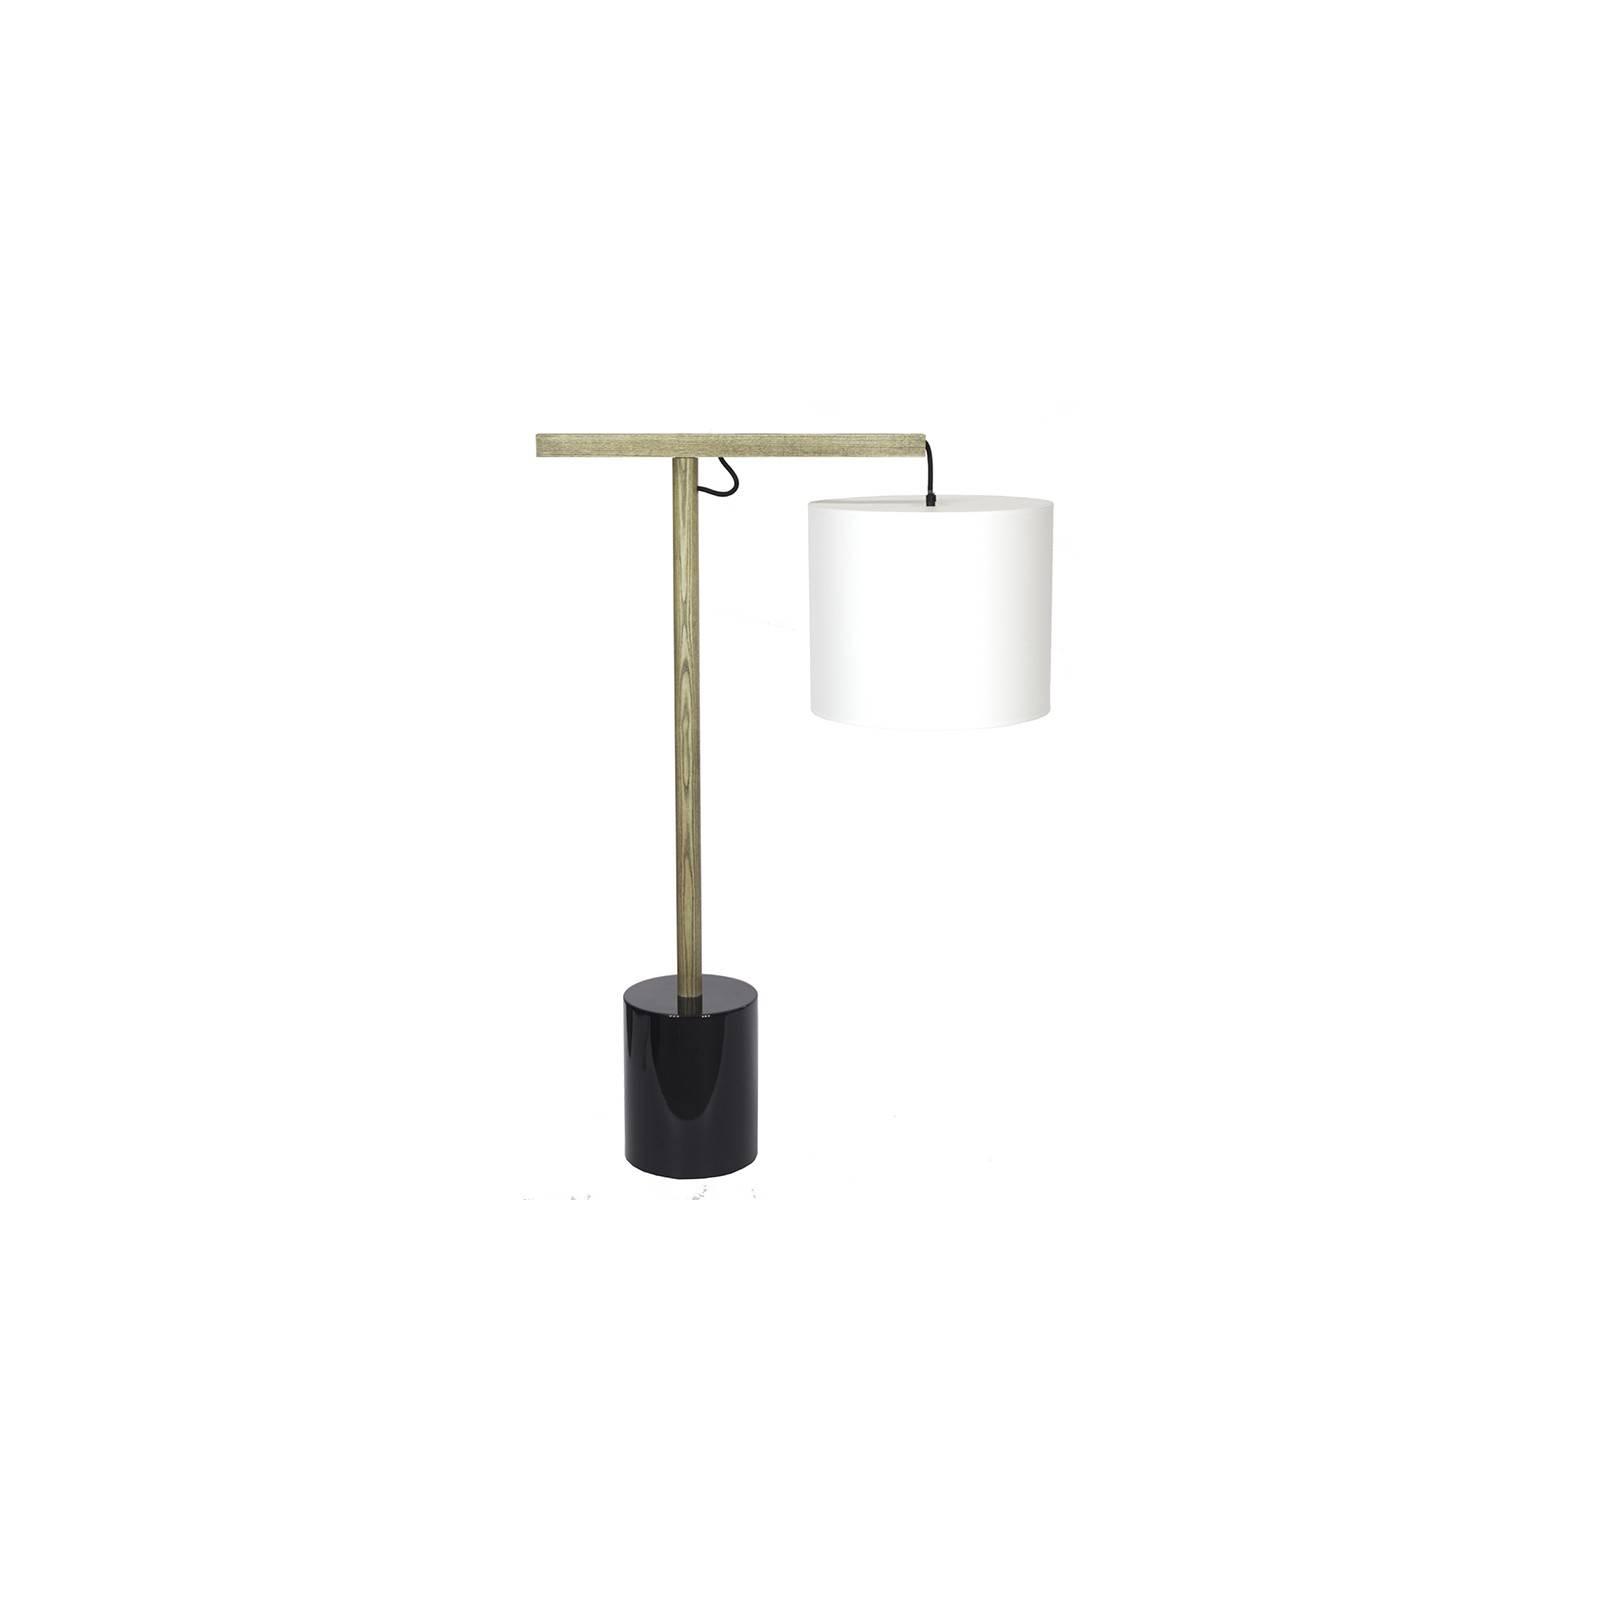 Déco originale pour la maison. Lampe Balance en bois massif